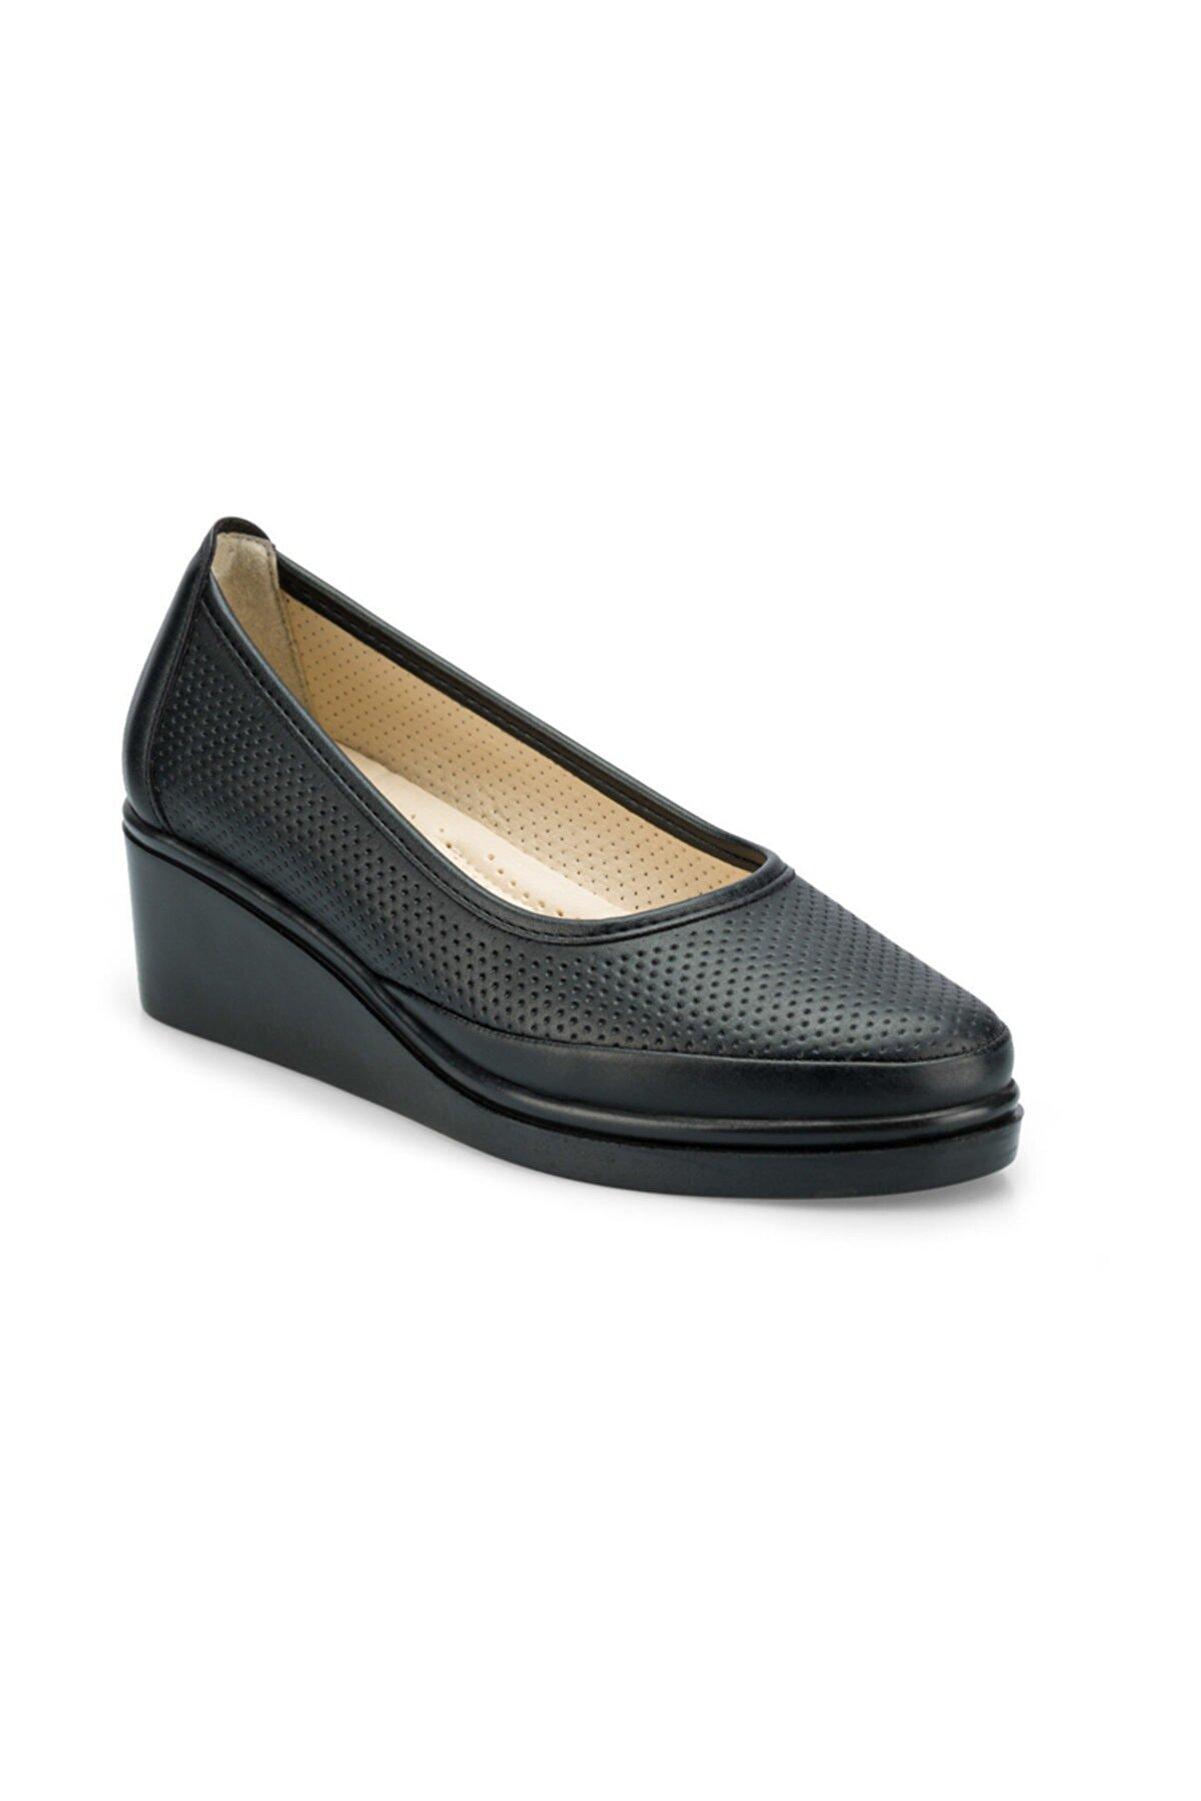 Polaris 161016.Z Siyah Kadın Ayakkabı 100508806